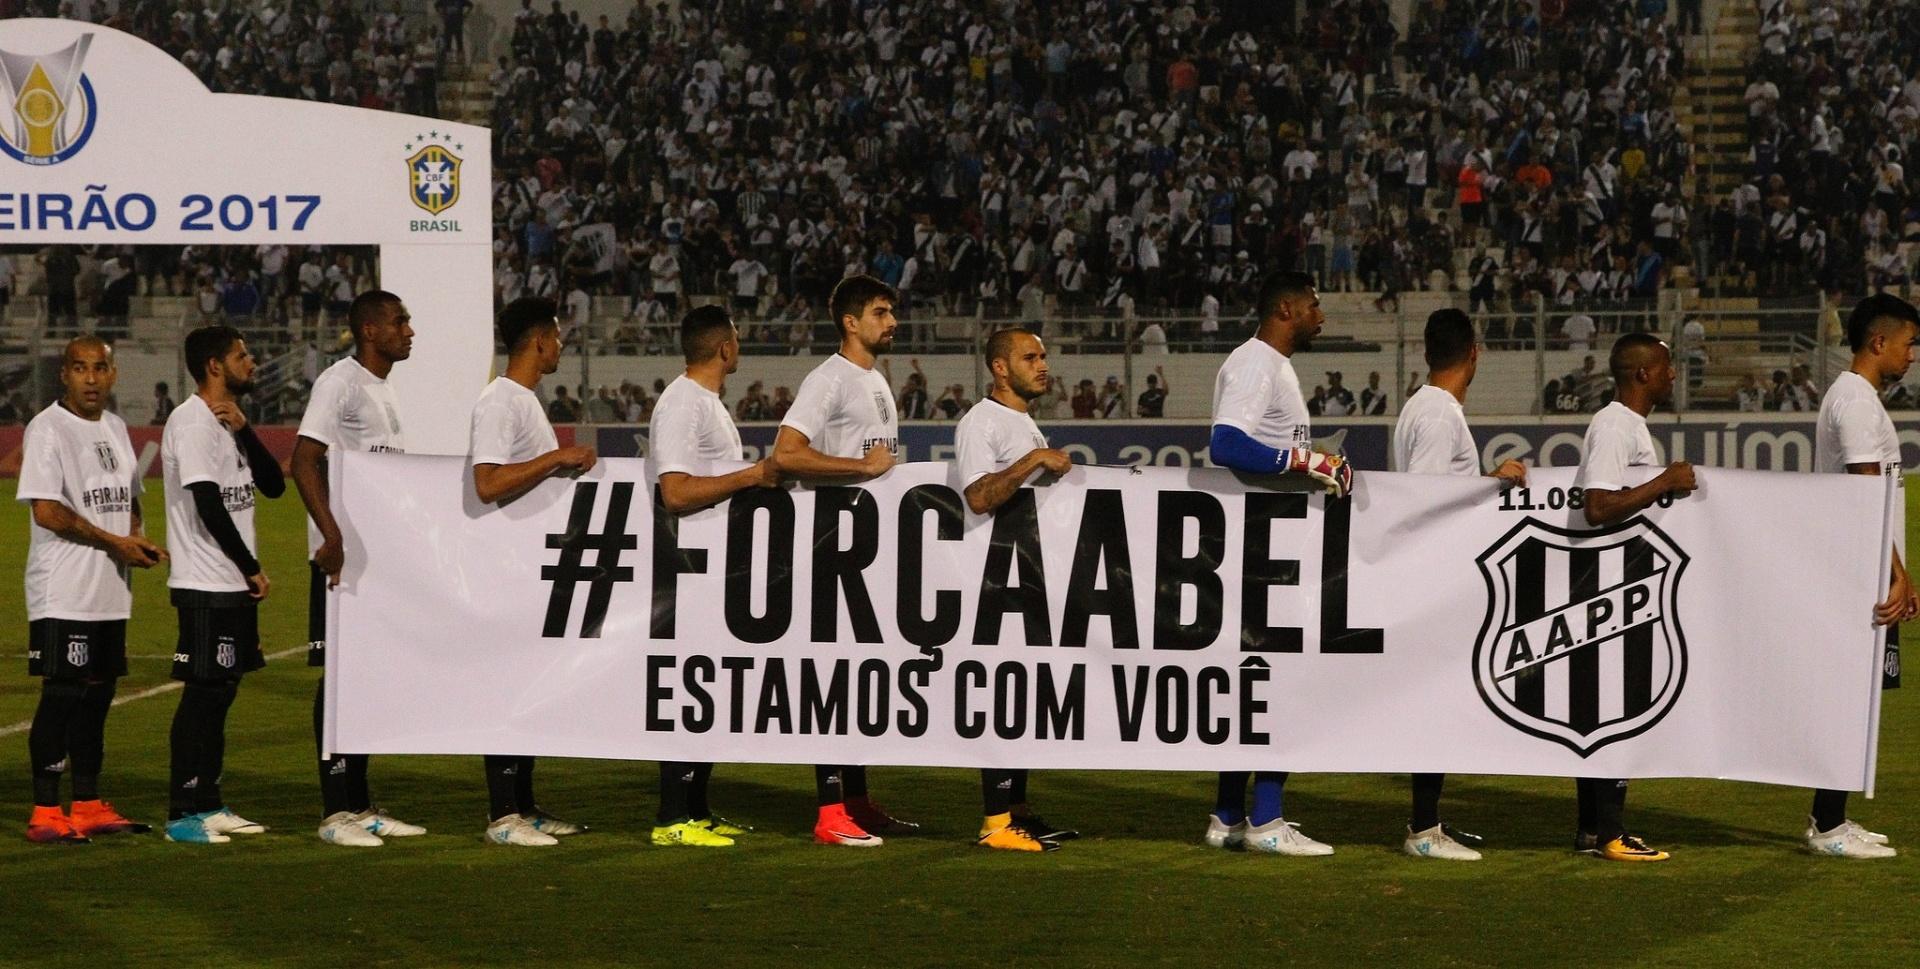 Jogadores da Ponte Preta homenageam o técnico Abel Braga, do Fluminense